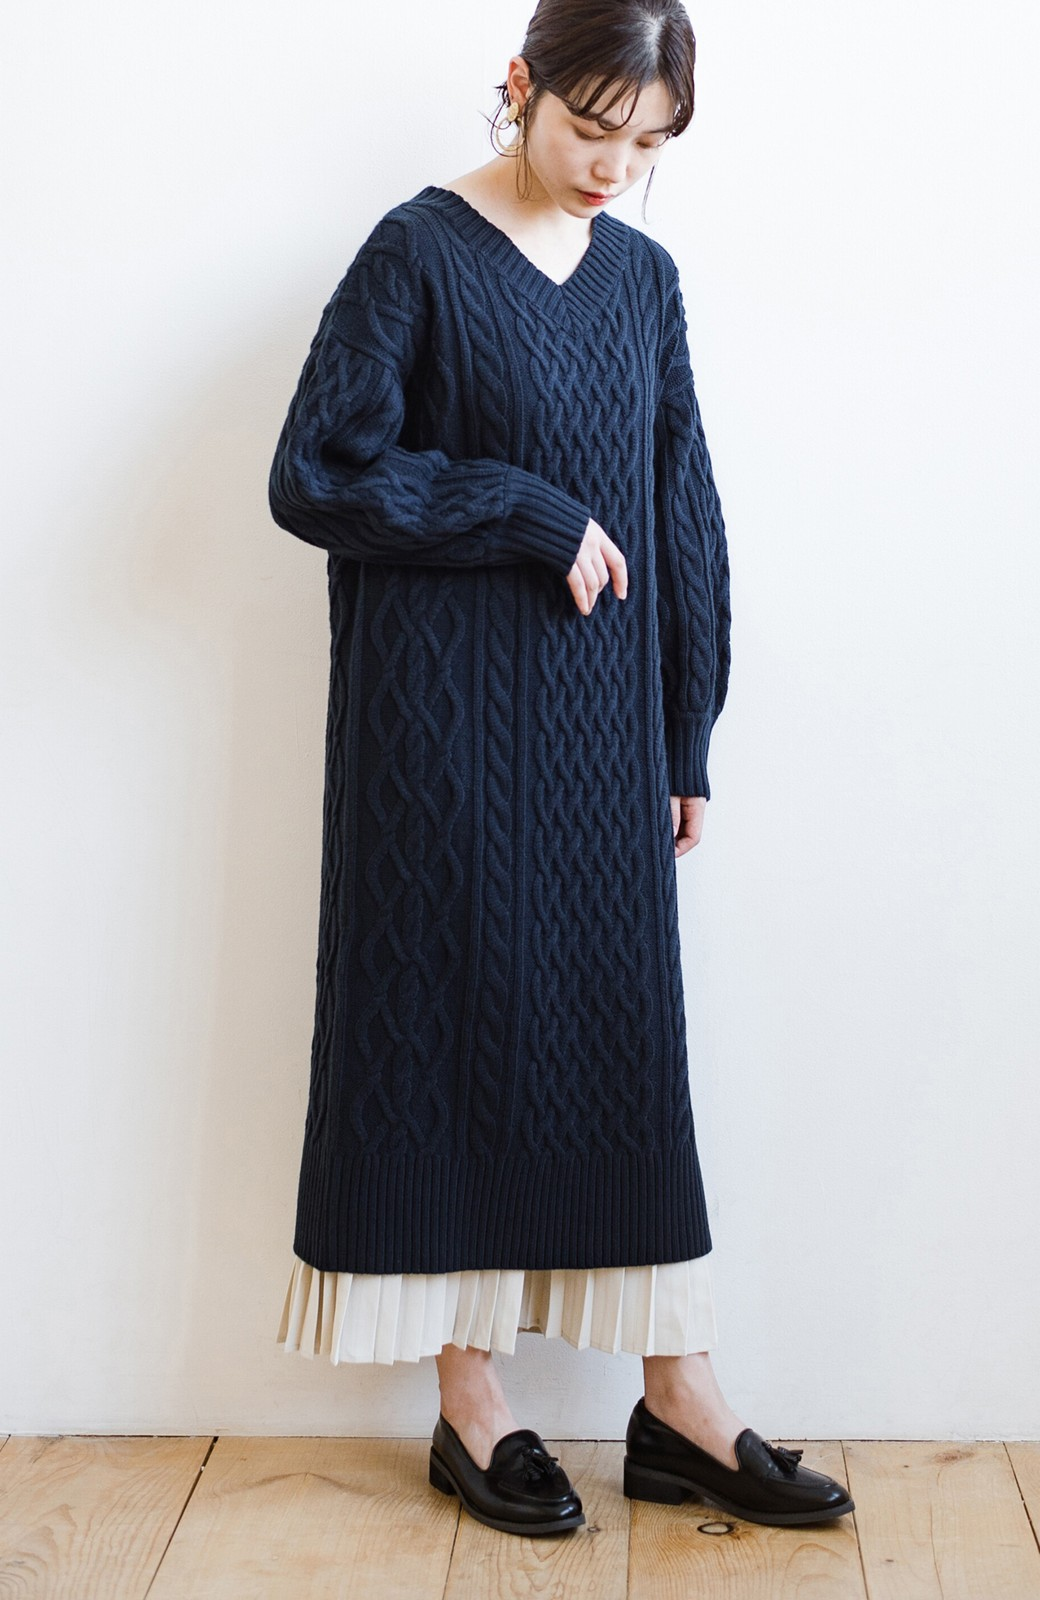 haco! パッと着て絶妙に女っぽい 重ね着にも便利なケーブルニットワンピース <ネイビー>の商品写真8